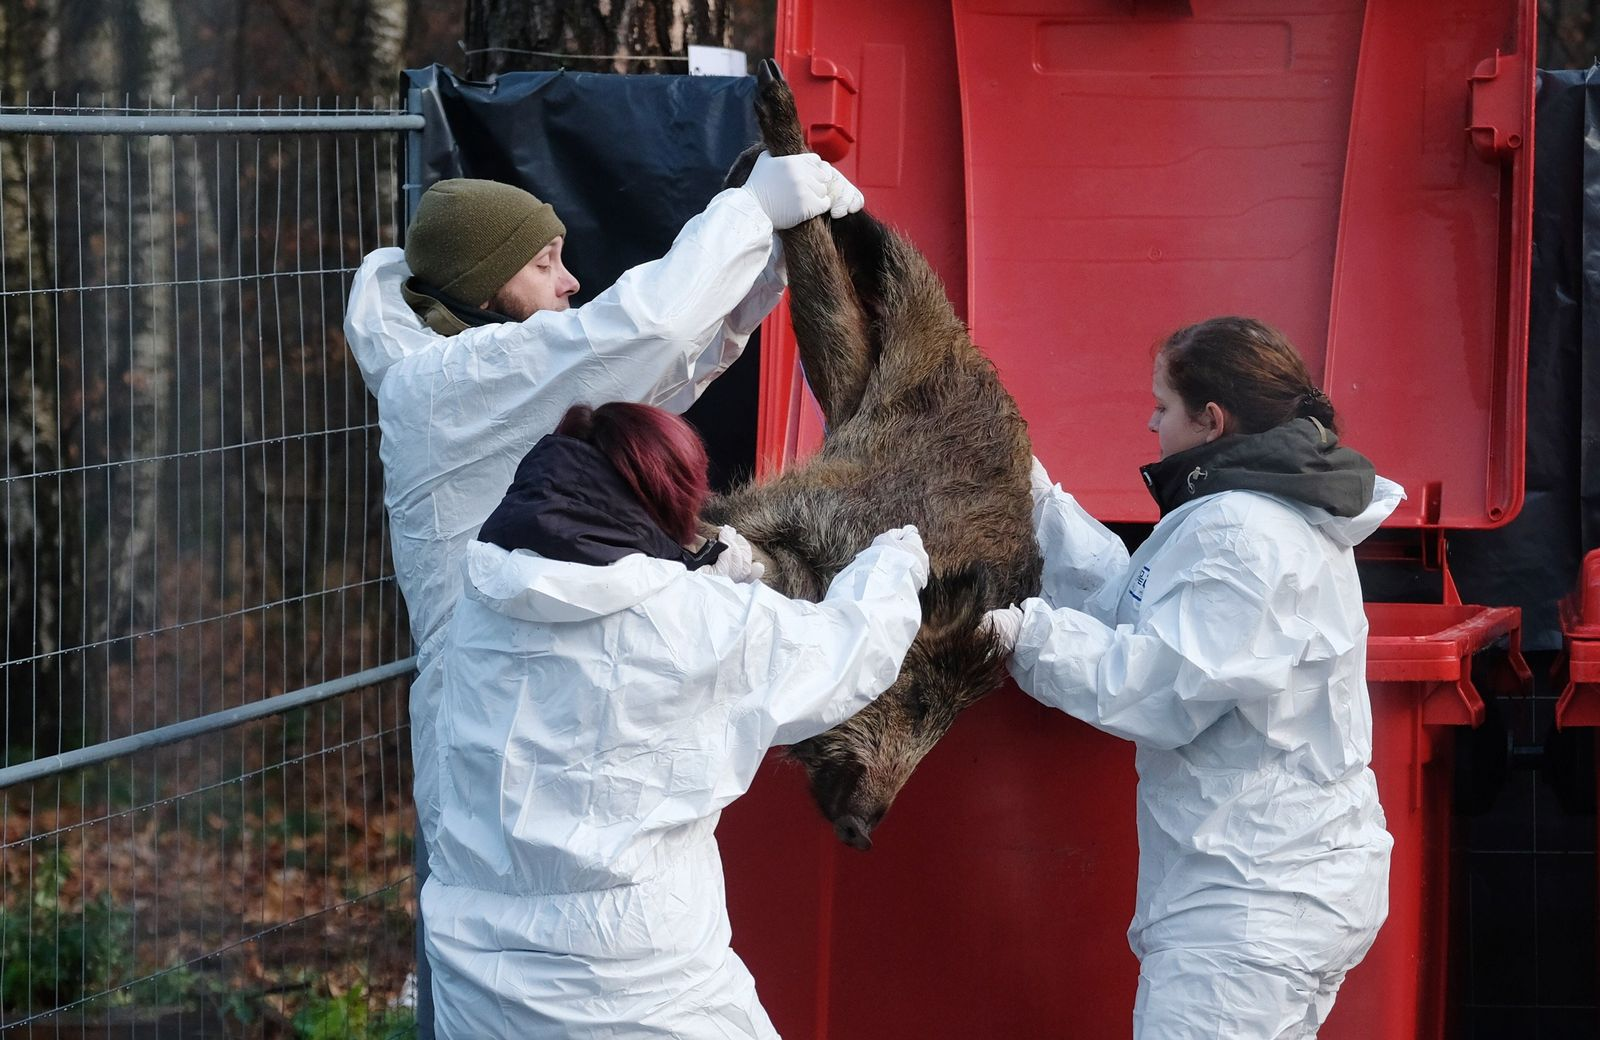 Behörden proben Verhalten bei Schweinepest